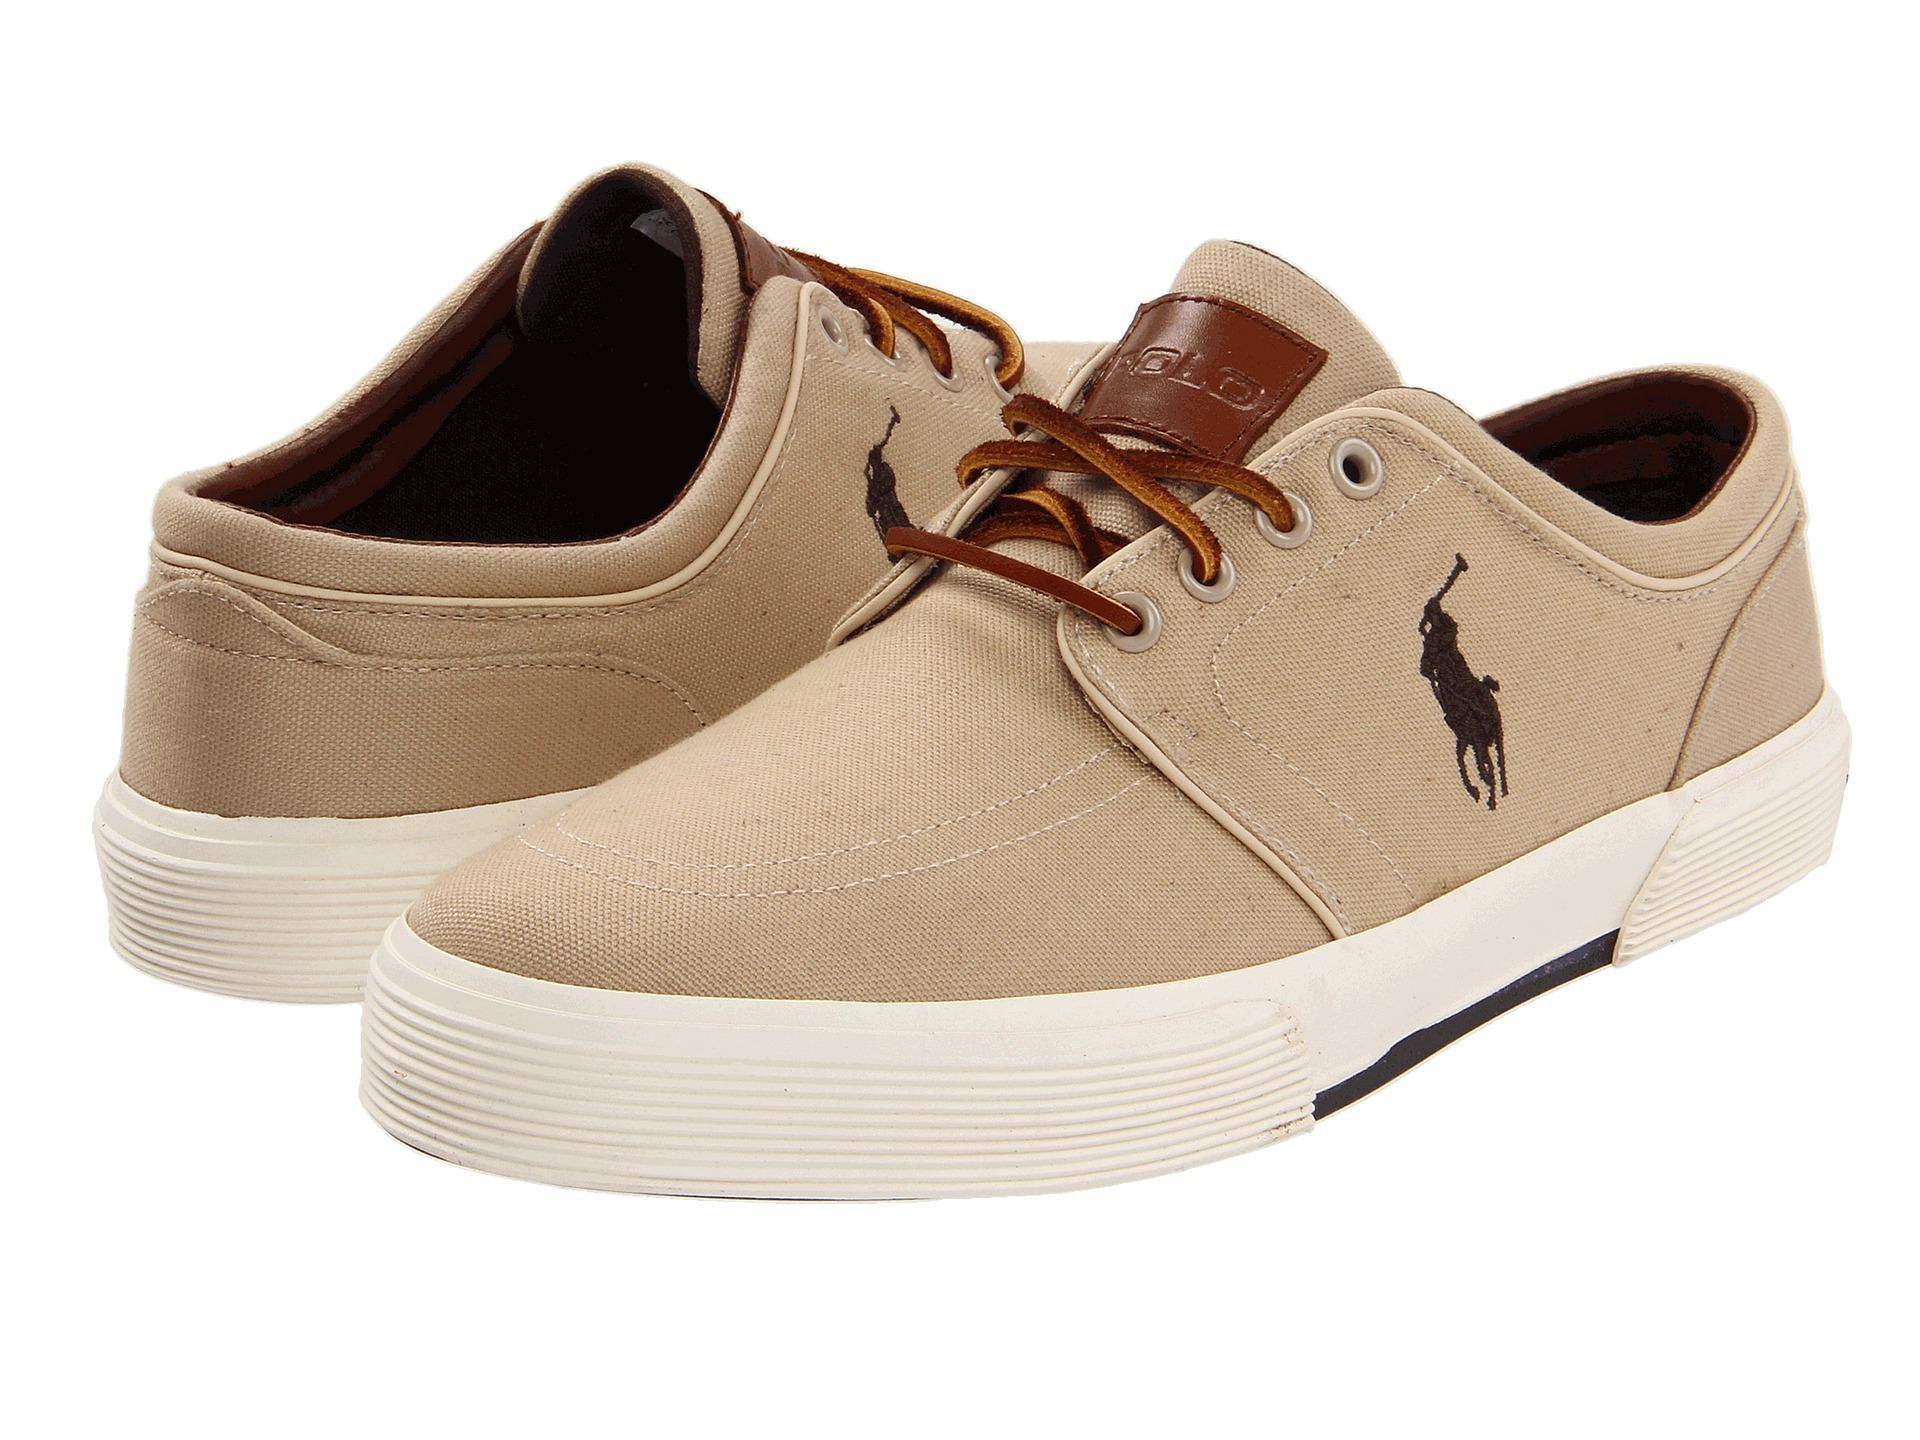 Men Ralph Lauren Polo Canvas Shoes Faxon Low